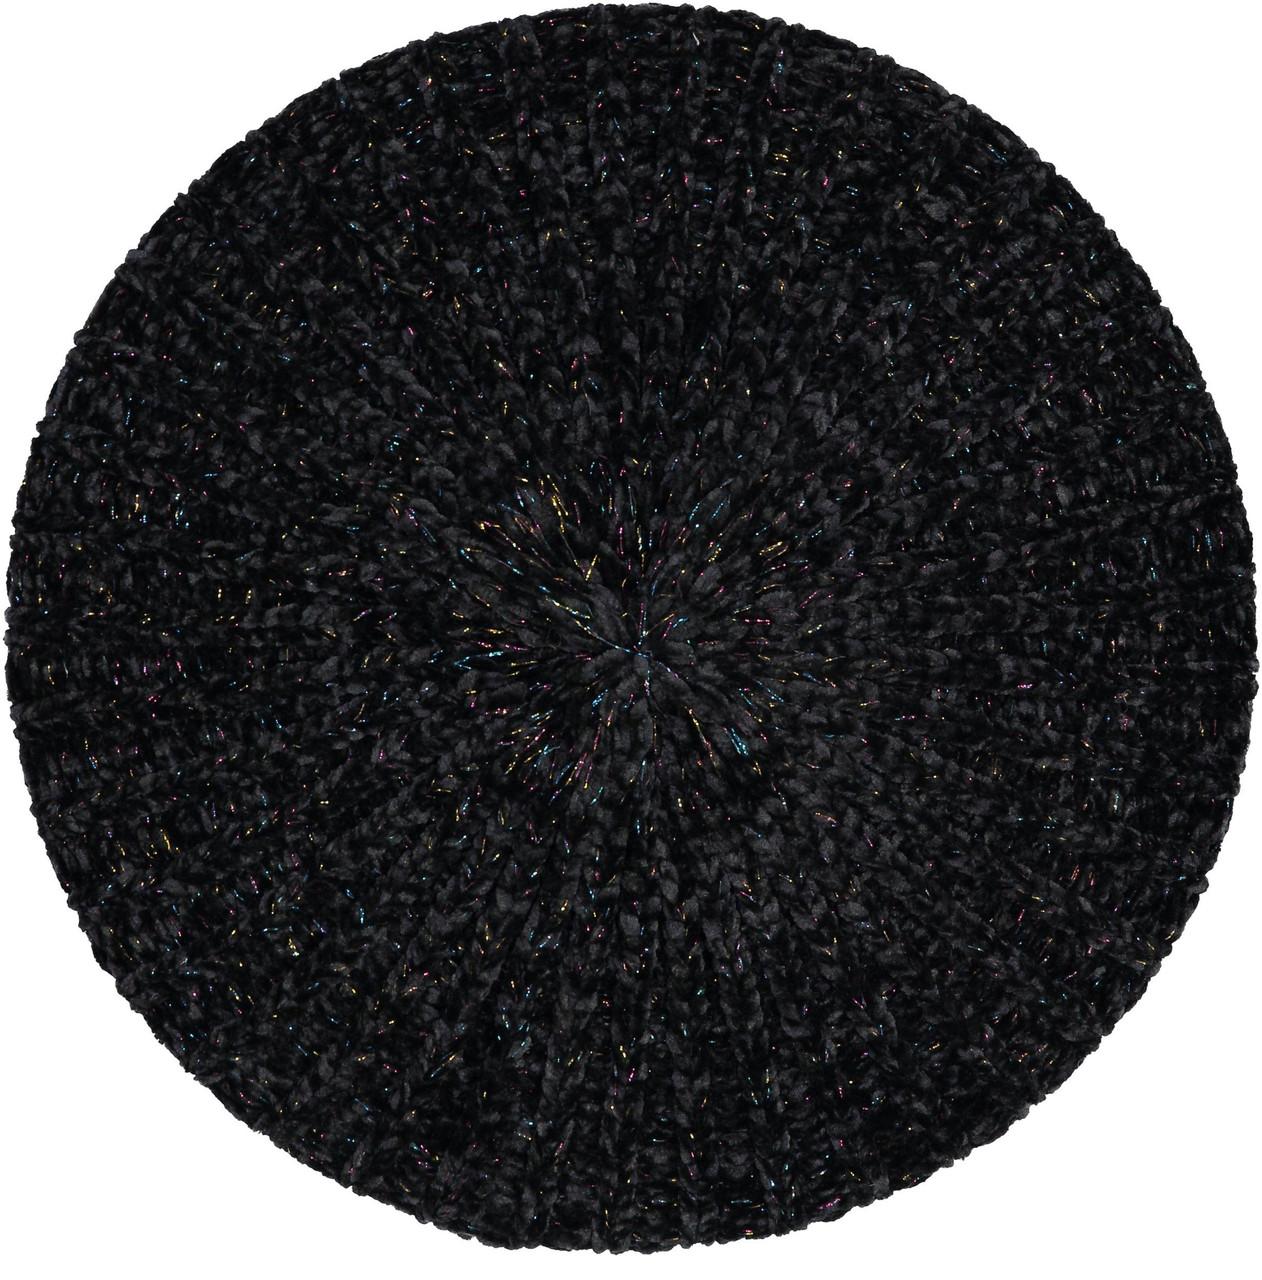 Black/Multicolored